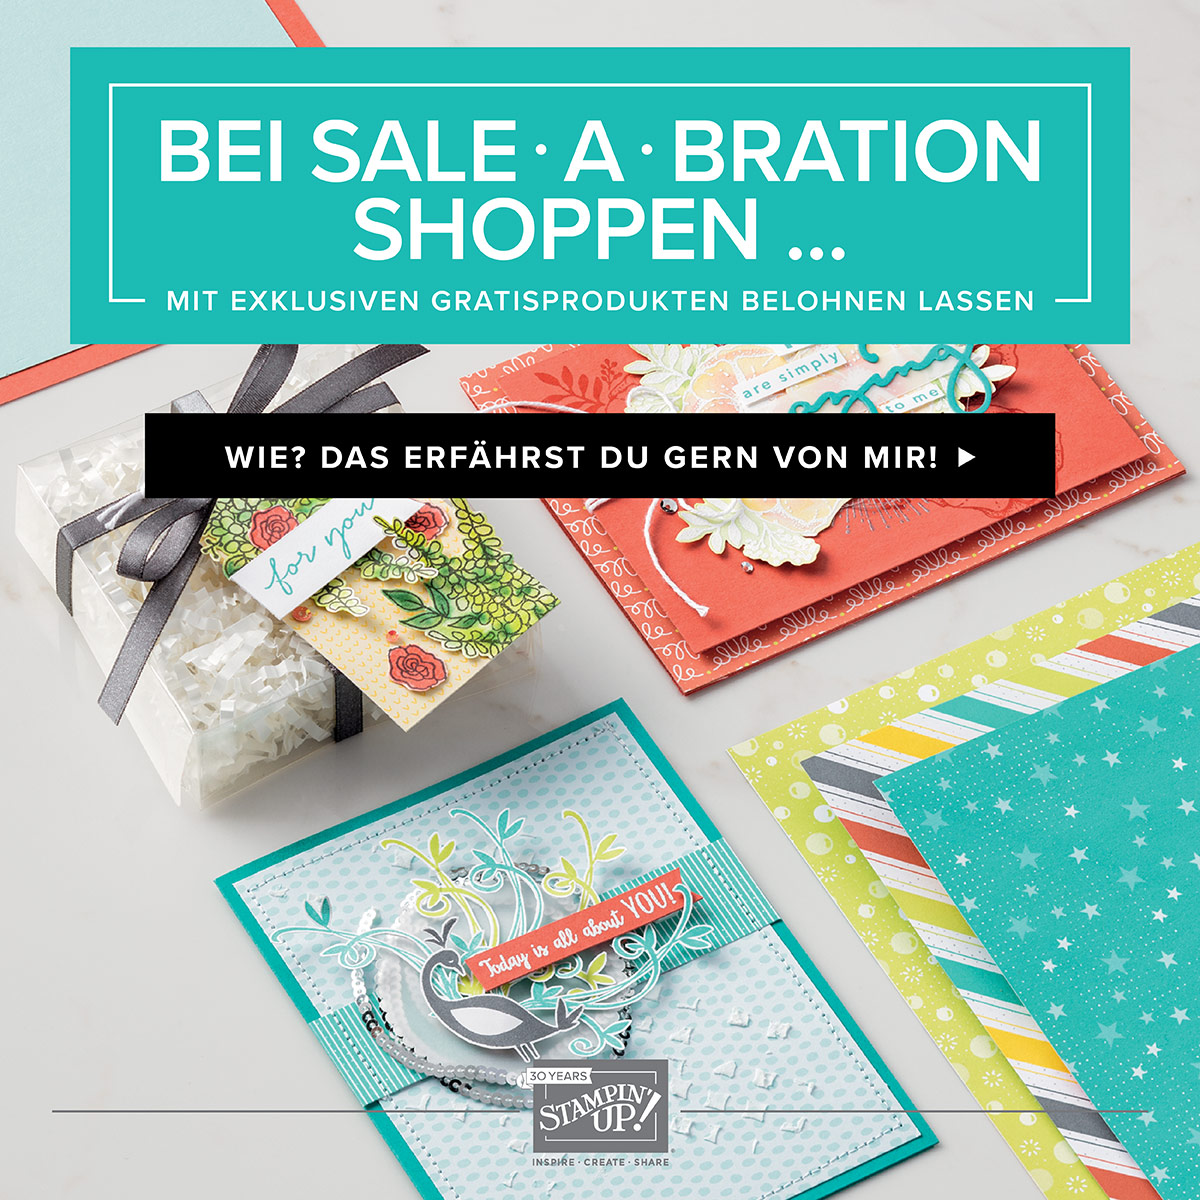 Start der Sale a Bration